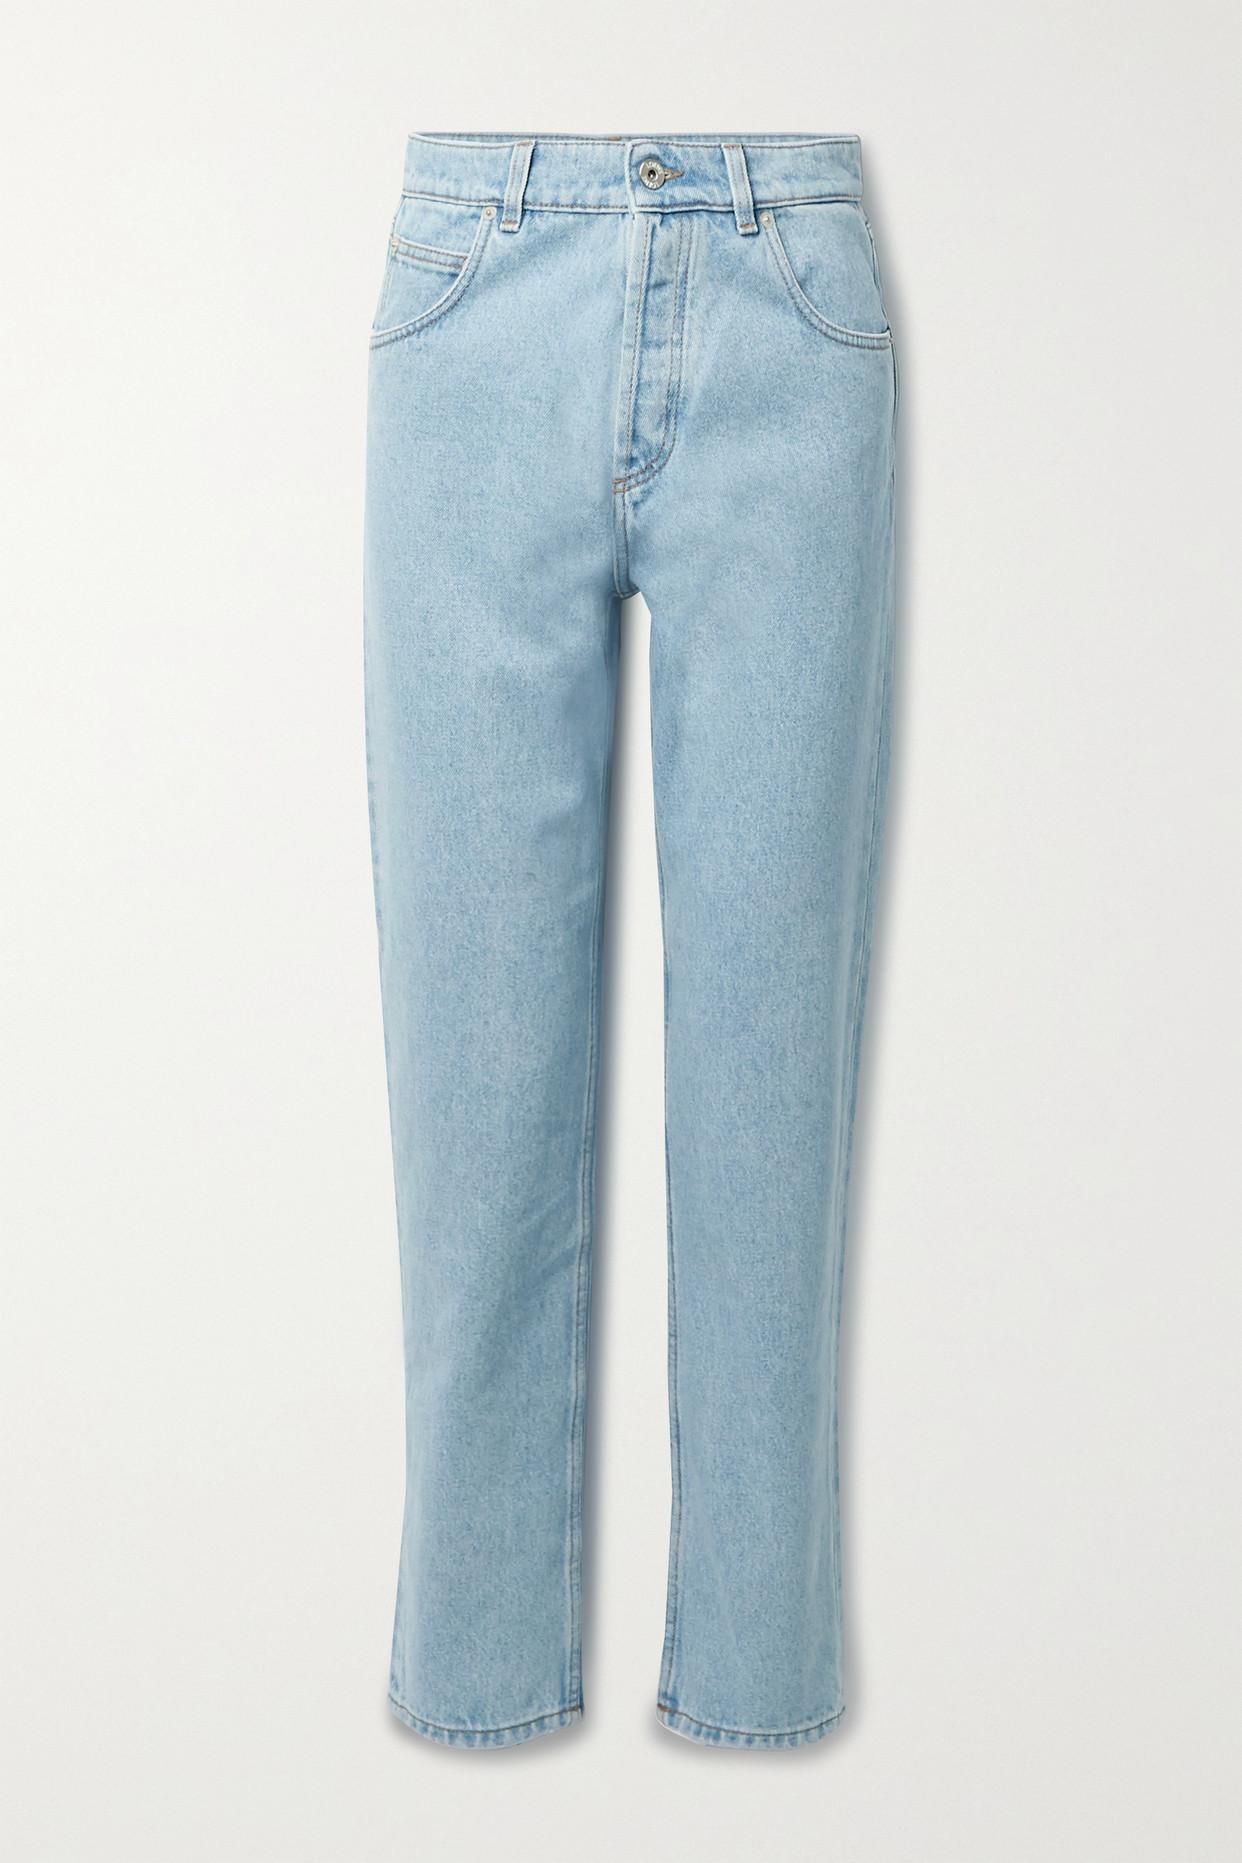 LOEWE - 高腰锥形牛仔裤 - 蓝色 - FR34